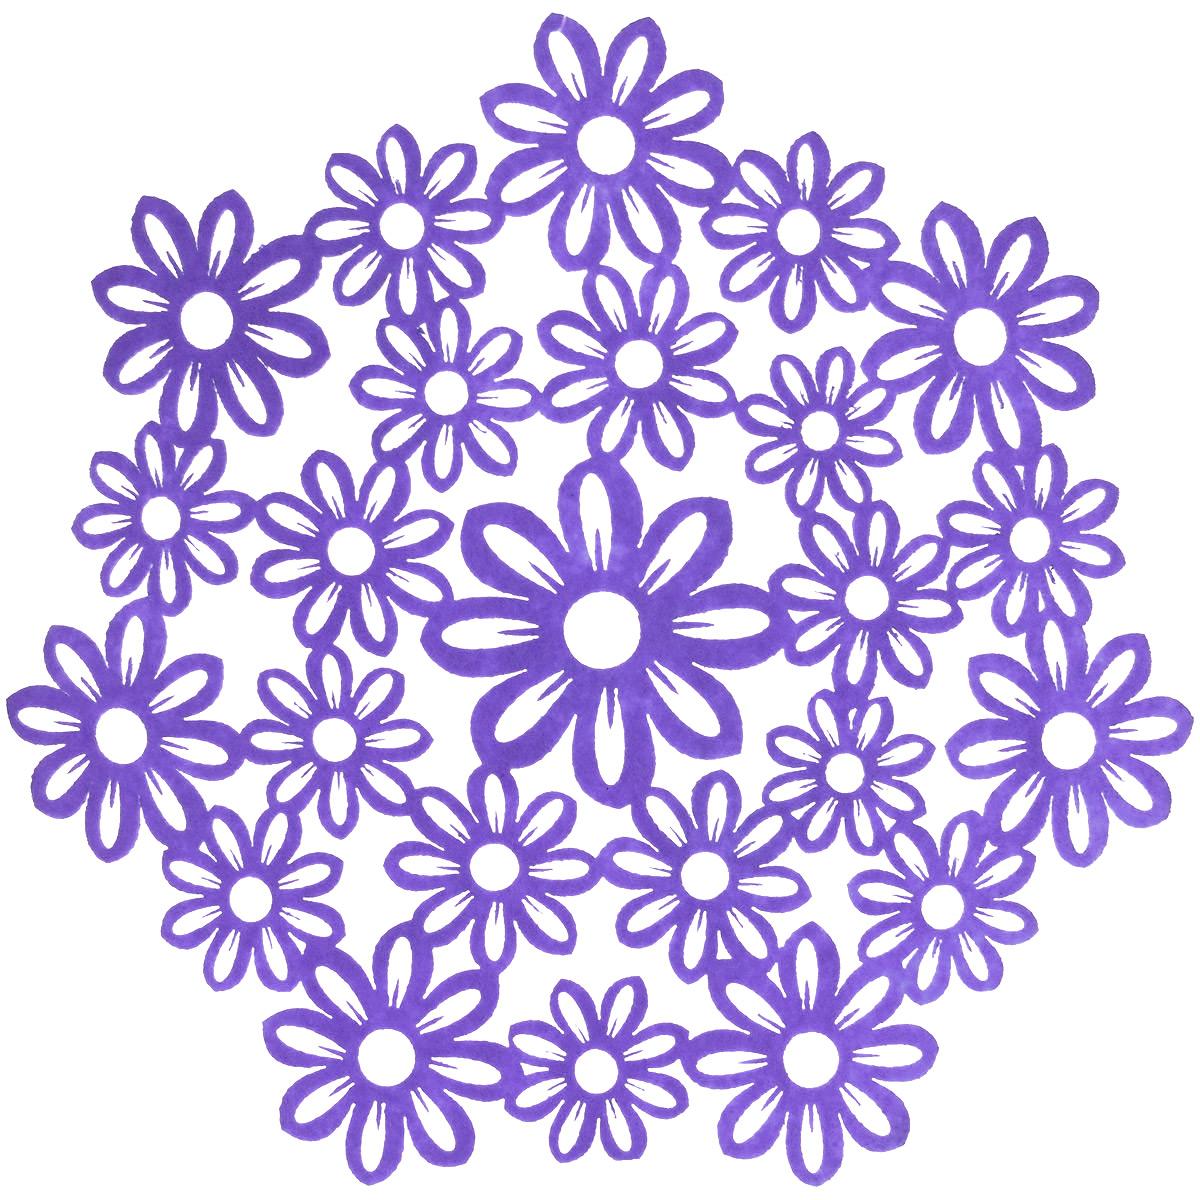 Салфетка Home Queen Незабудки, цвет: фиолетовый, диаметр 28 см115510Круглая салфетка Home Queen Незабудки выполнена из фетра и оснащена красивой перфорацией в виде цветов. Вы можете использовать салфетку для декорирования стола, комода, журнального столика. В любом случае она добавит в ваш дом стиля, изысканности и неповторимости и убережет мебель от царапин и потертостей. Диаметр салфетки: 28 см.